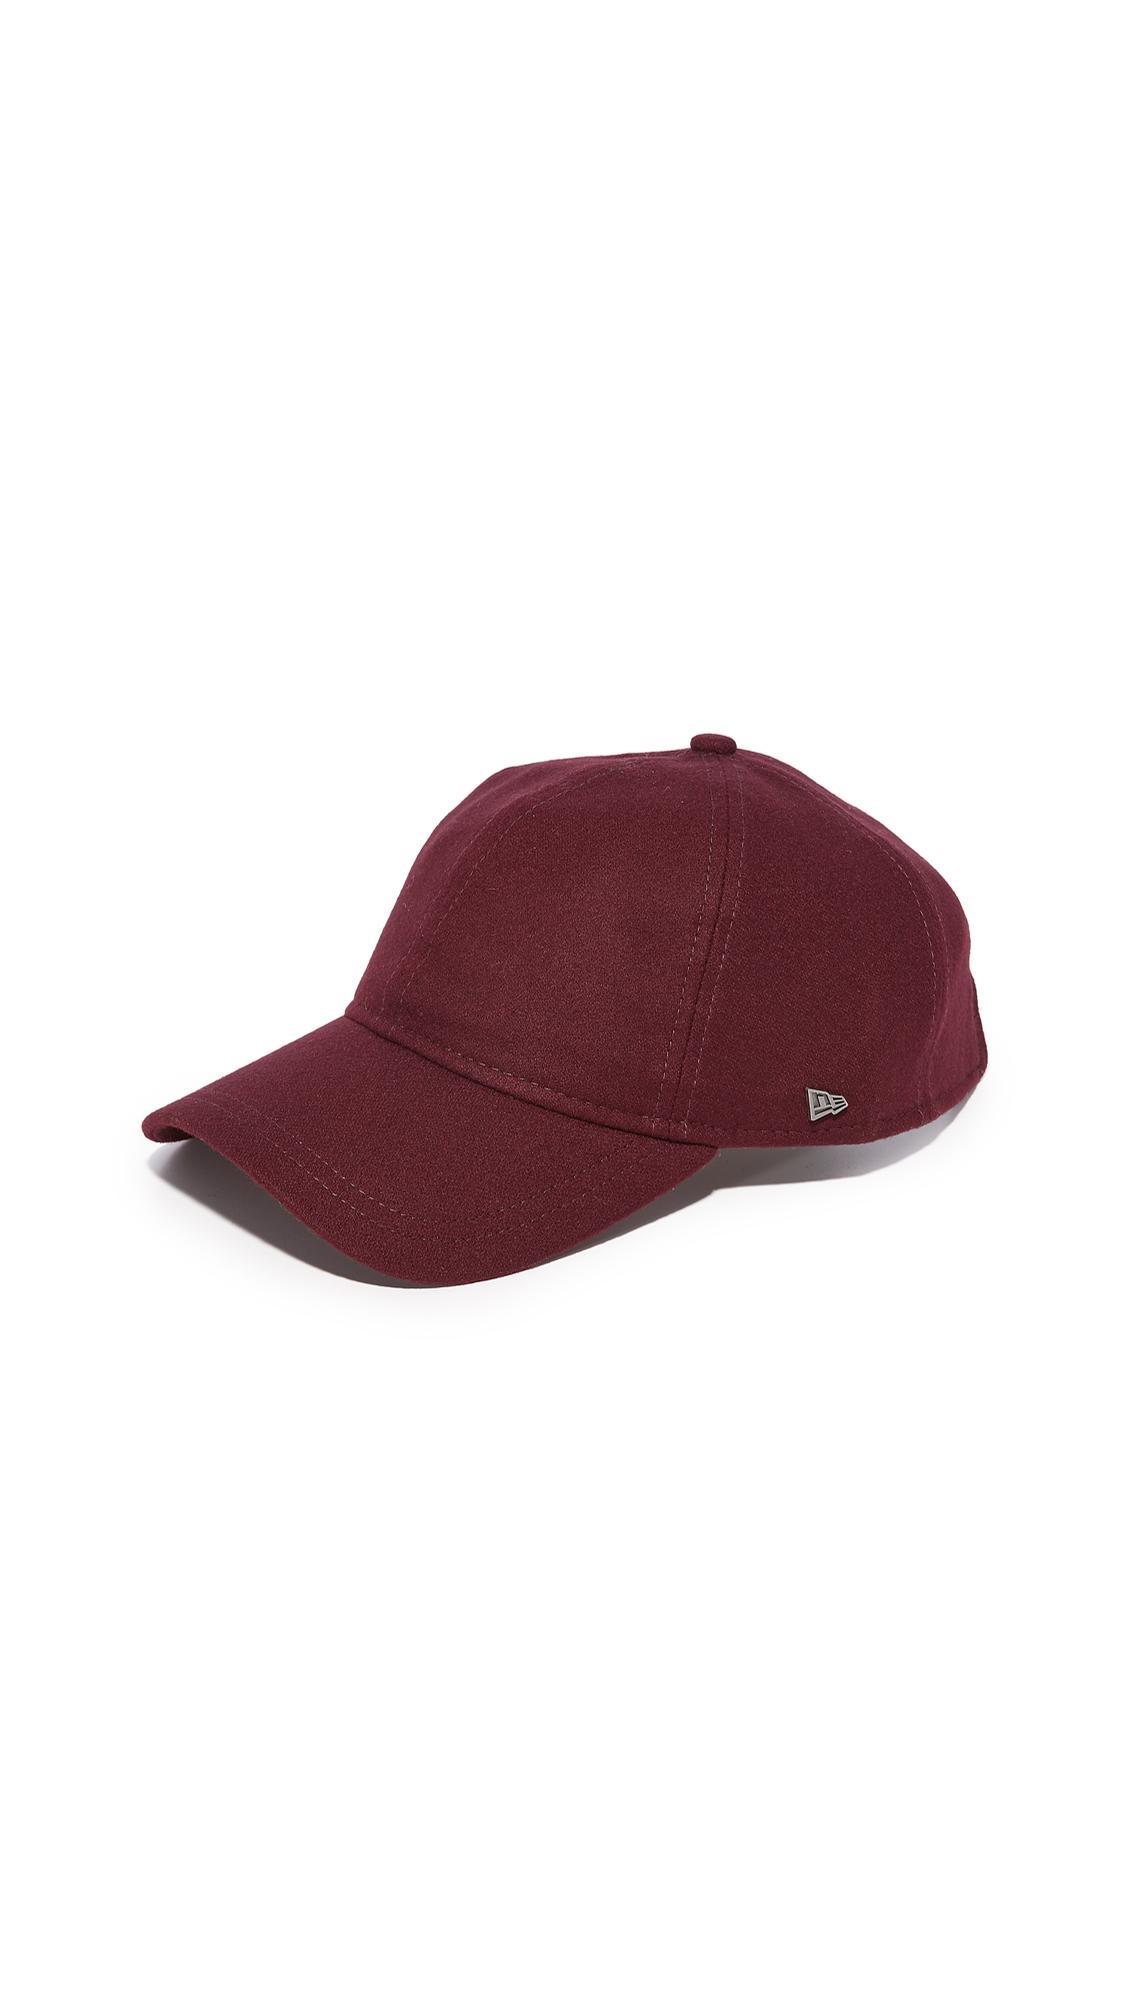 New Era Essential 9twenty Cap In Red